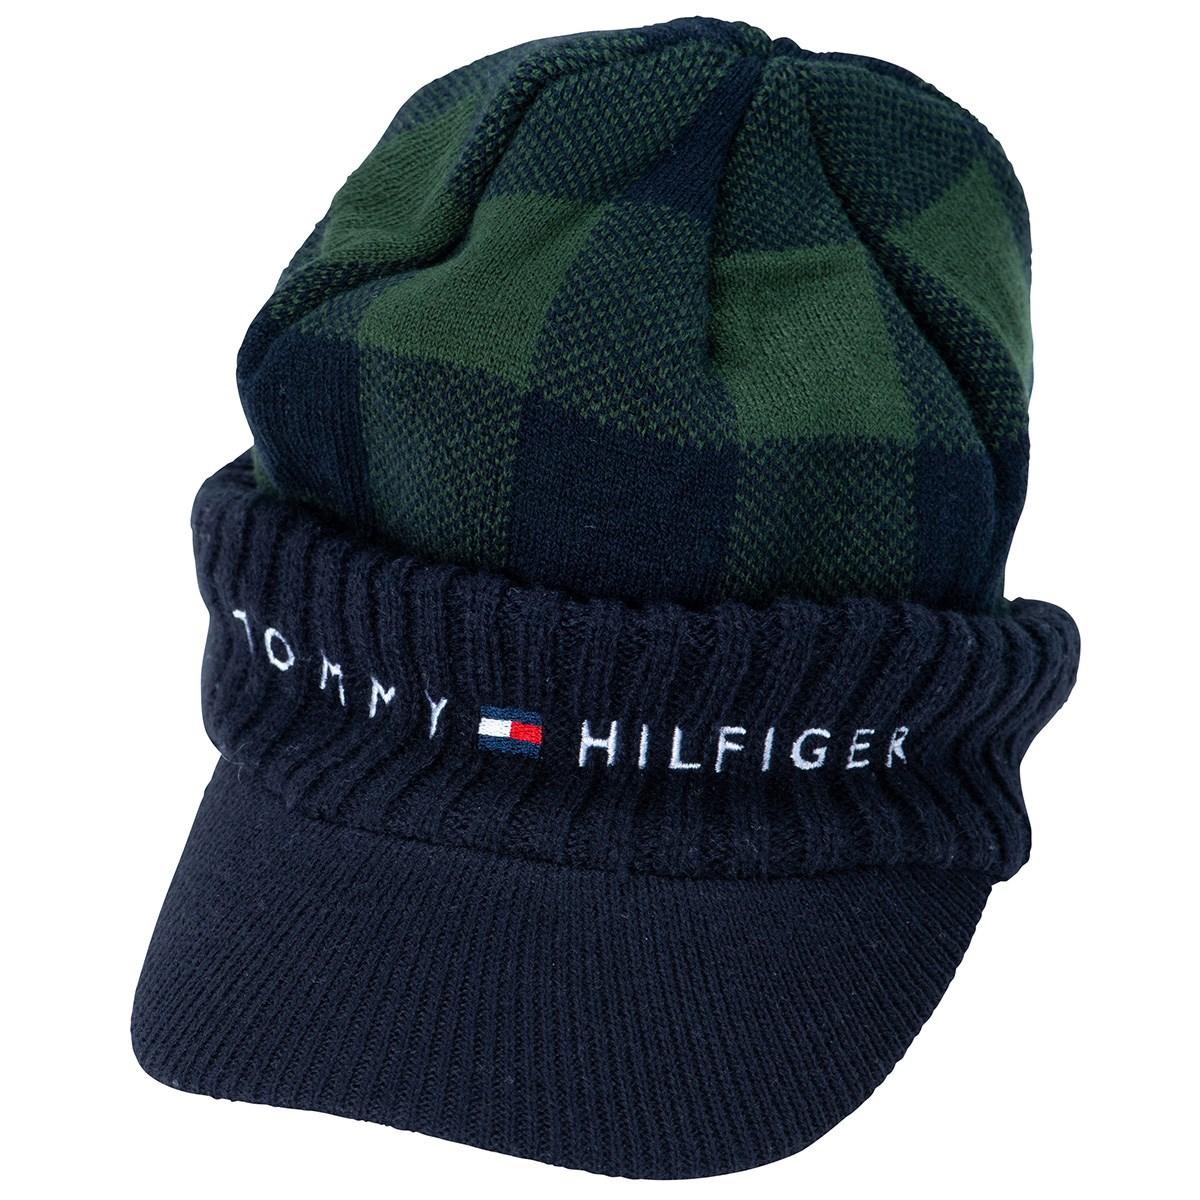 トミー ヒルフィガー ゴルフ TOMMY HILFIGER GOLF デタッチャブル ニットキャップ フリー グリーン レディス